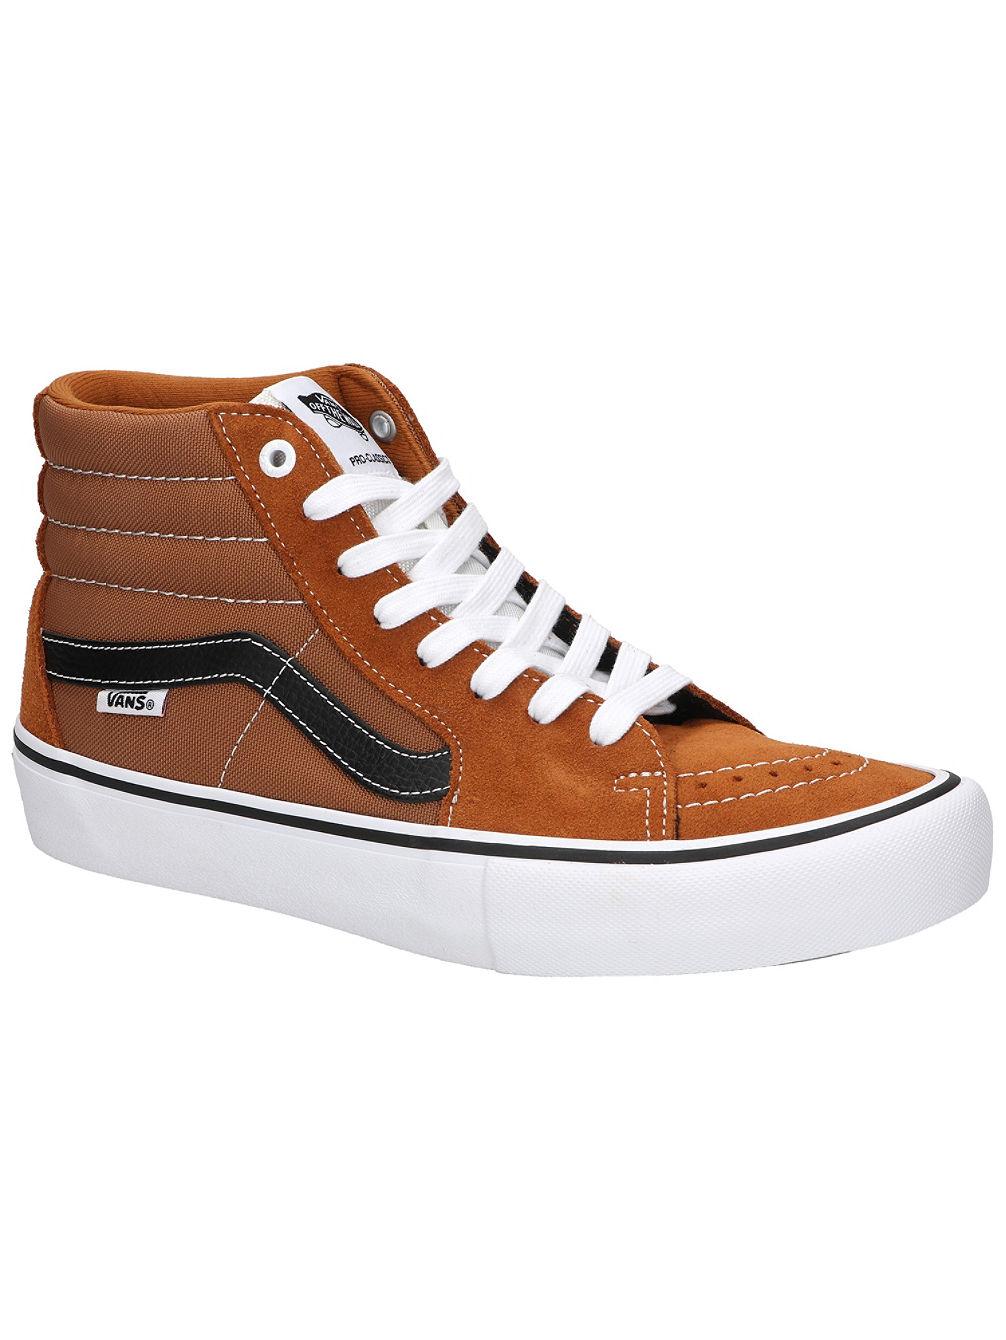 Buy Vans Sk8-HI Pro Skate Shoes online at blue-tomato.com 744dd6ee27c7